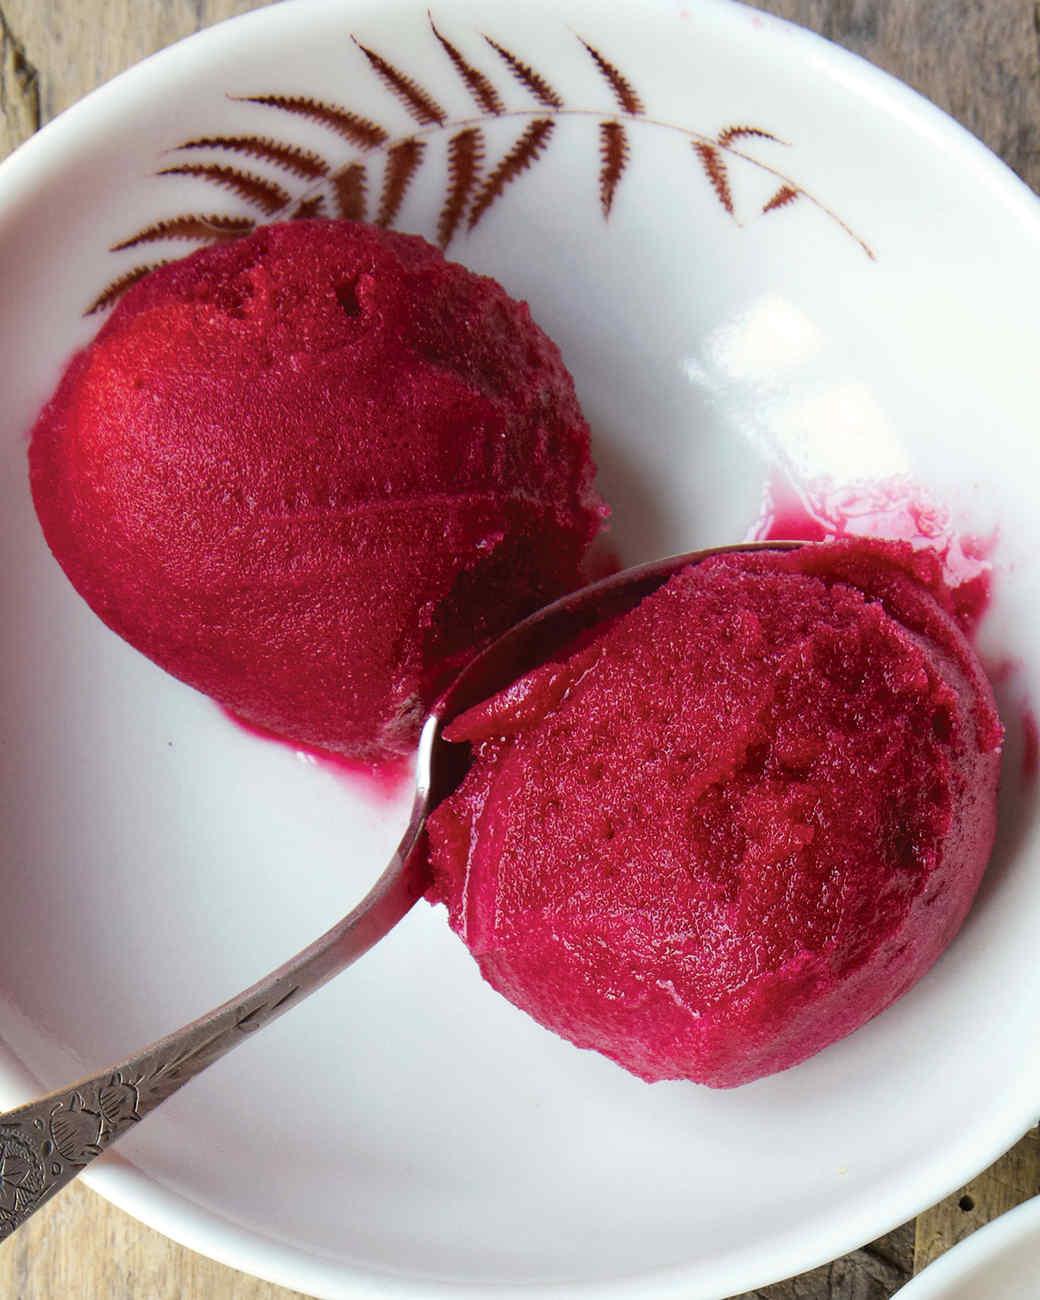 蔓越莓冰糕